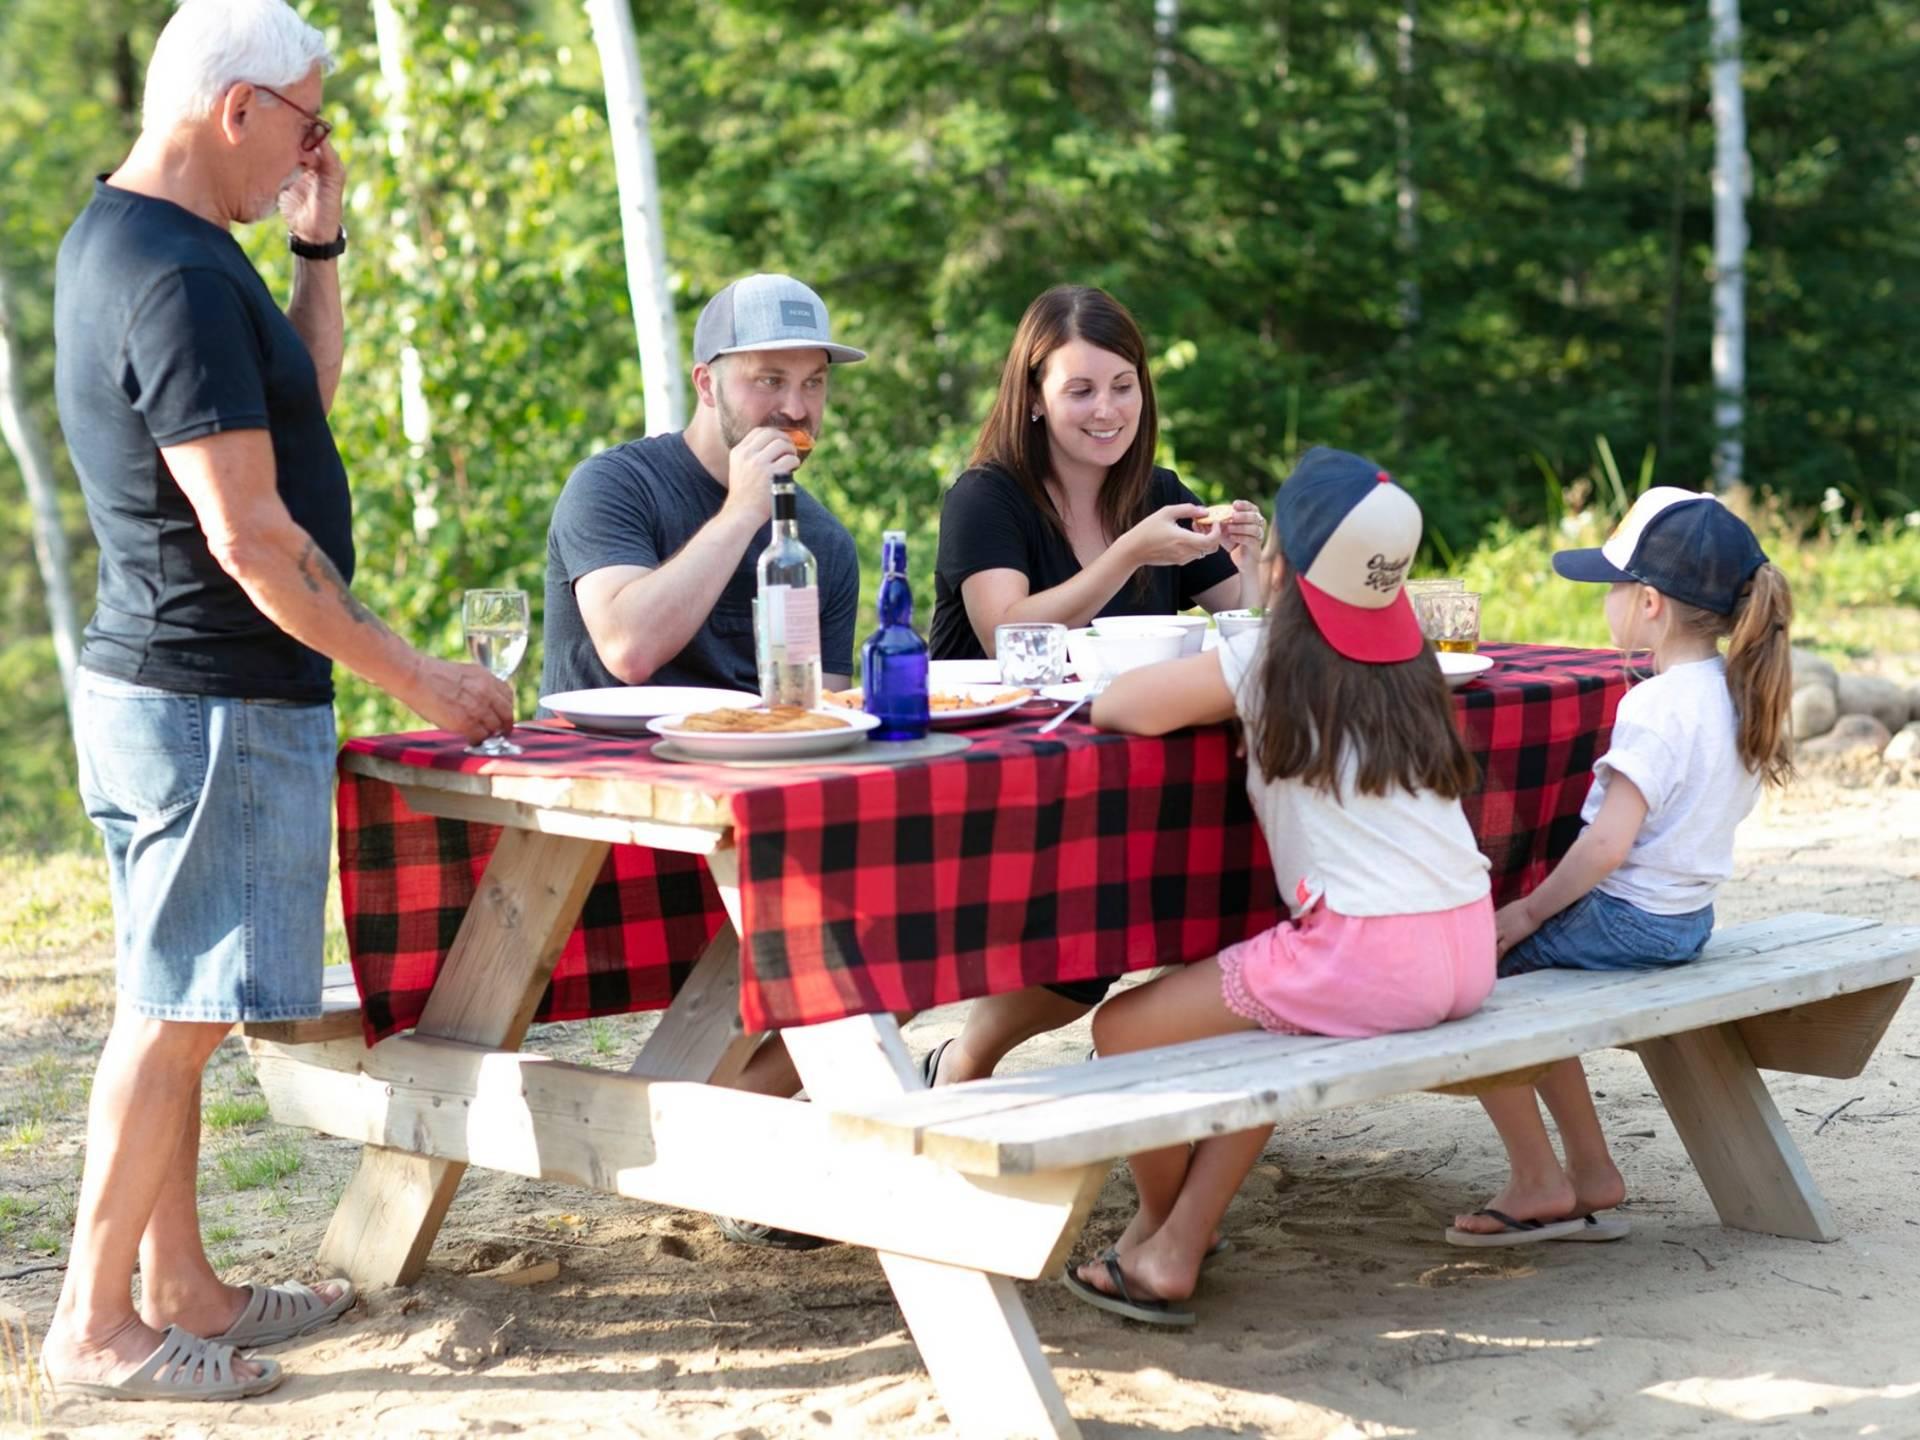 Un picnic en famille à la base de plein air de Ste-Foy